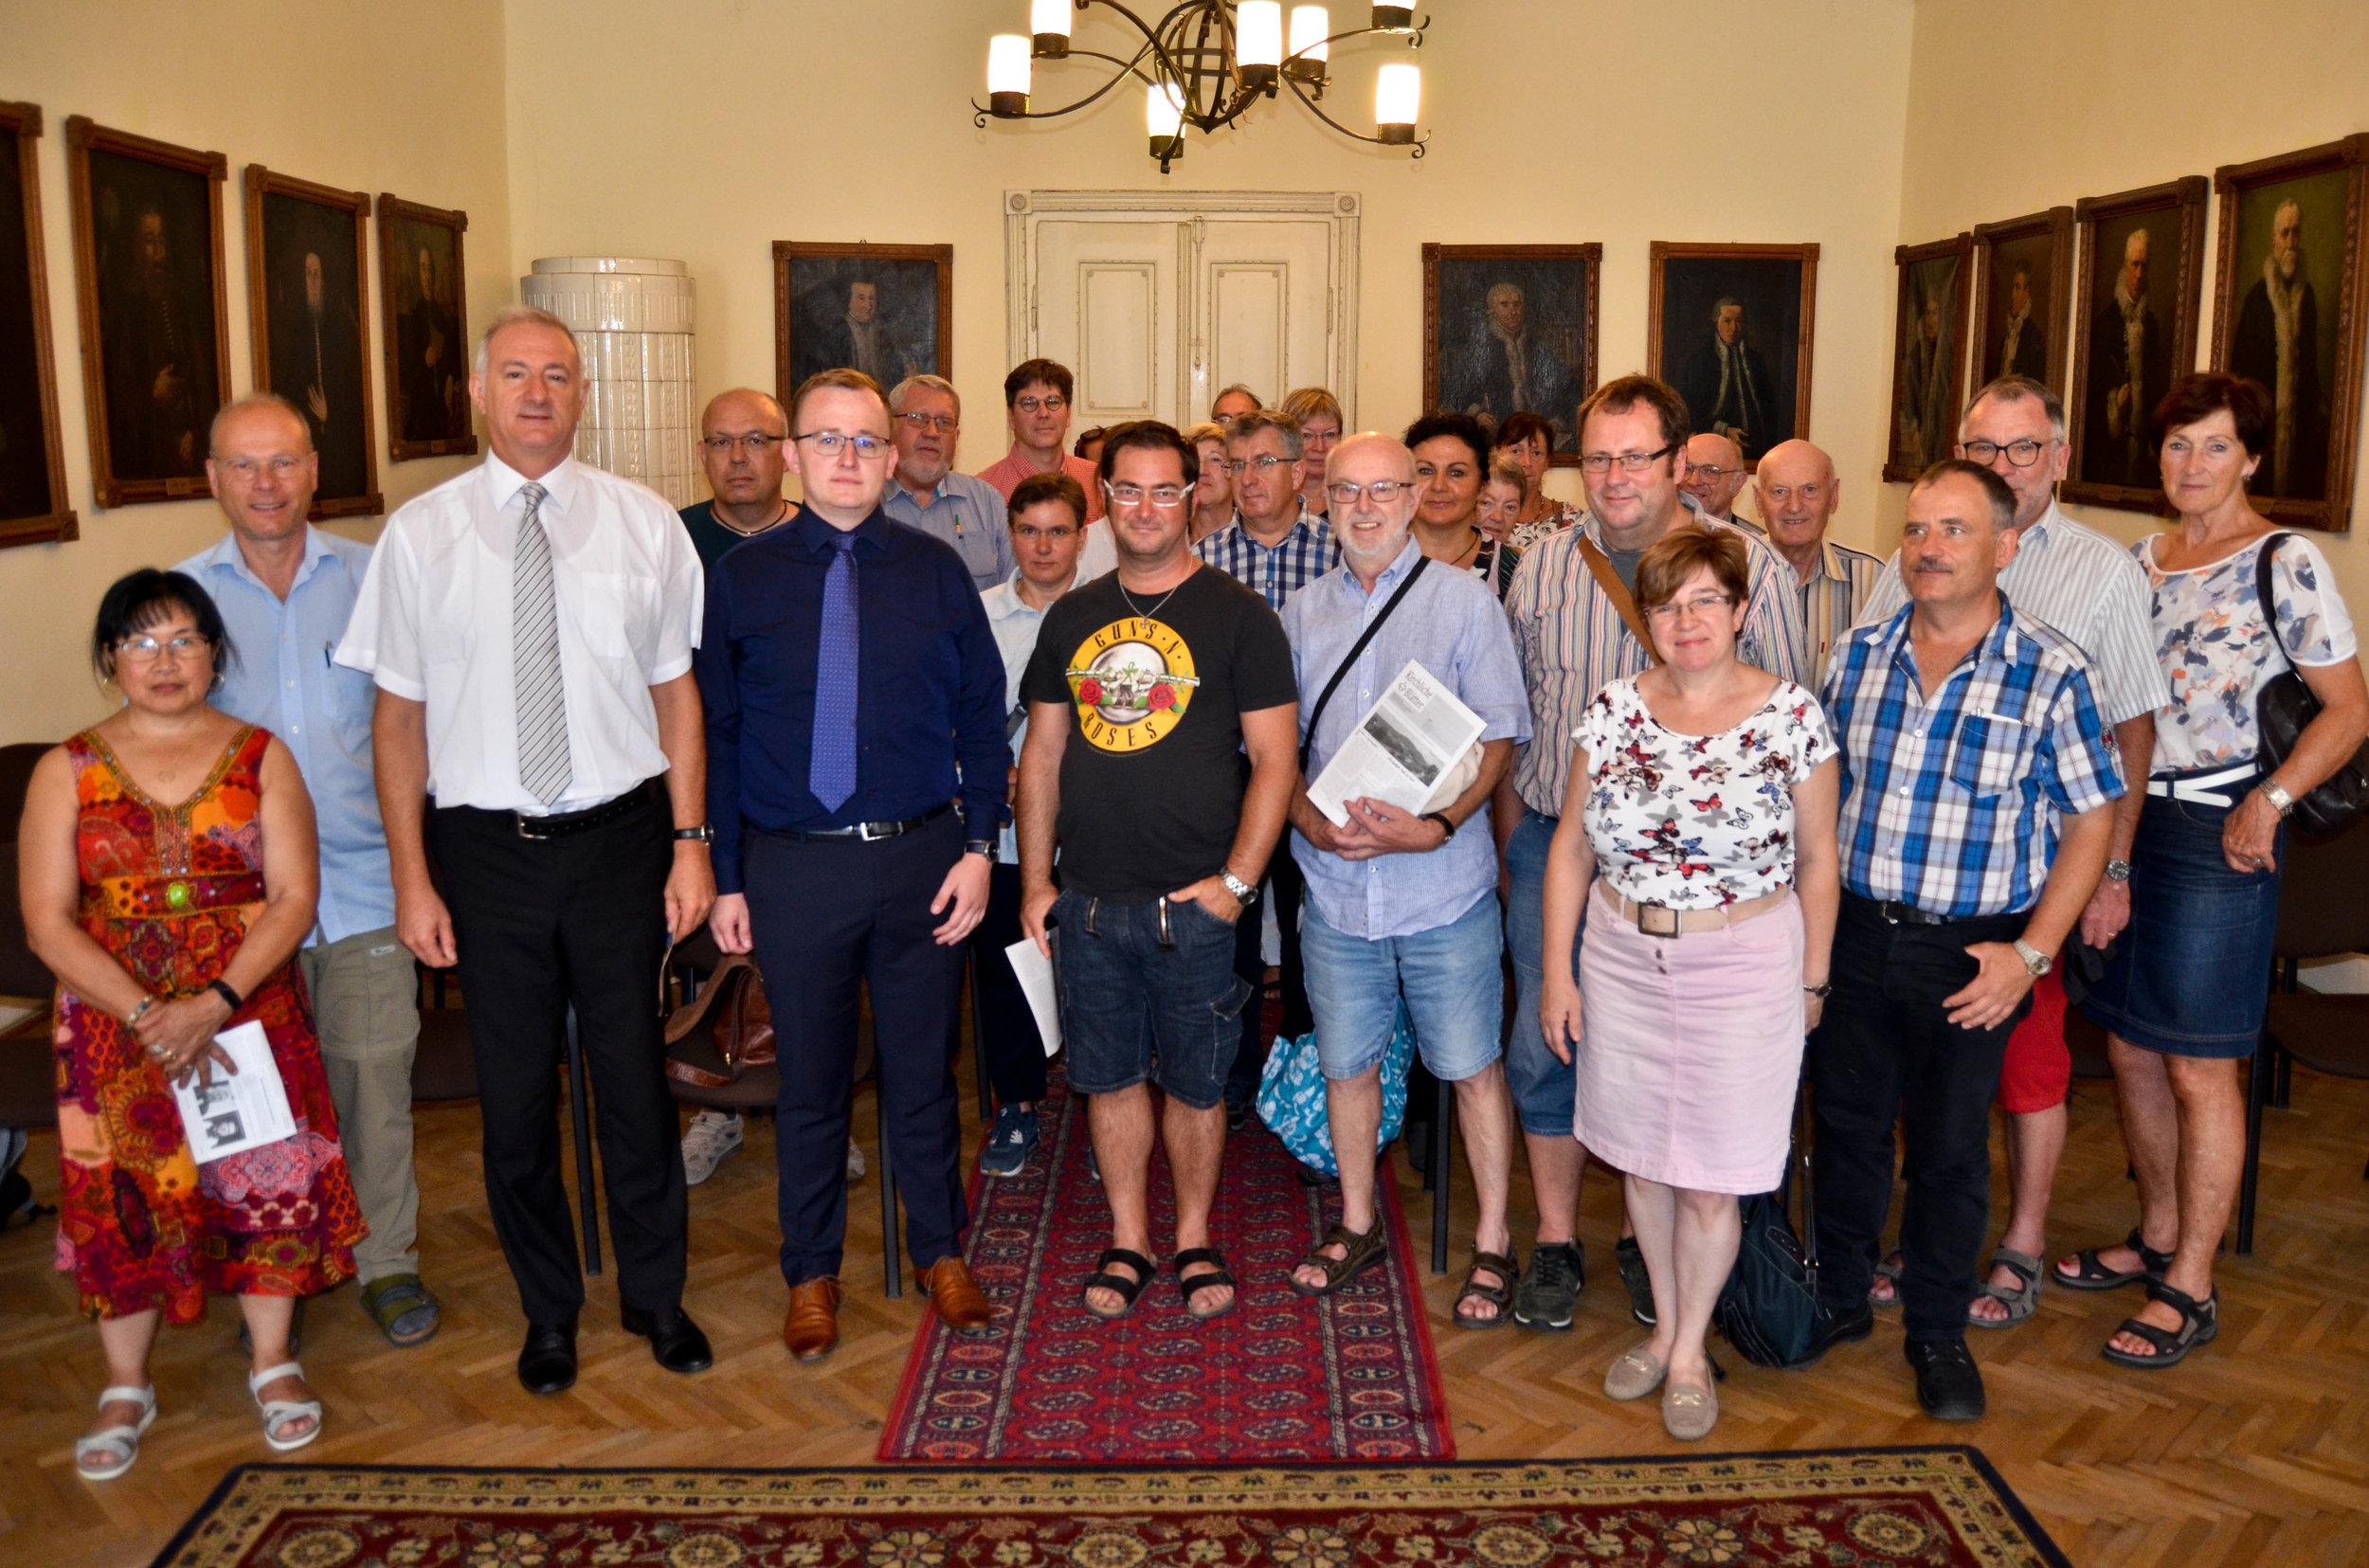 Die Reisegruppe mit EKR-Bischof Reinhardt Guib (3.v.l.) im Festsaal des Bischofspalais in Hermannstadt/Sibiu